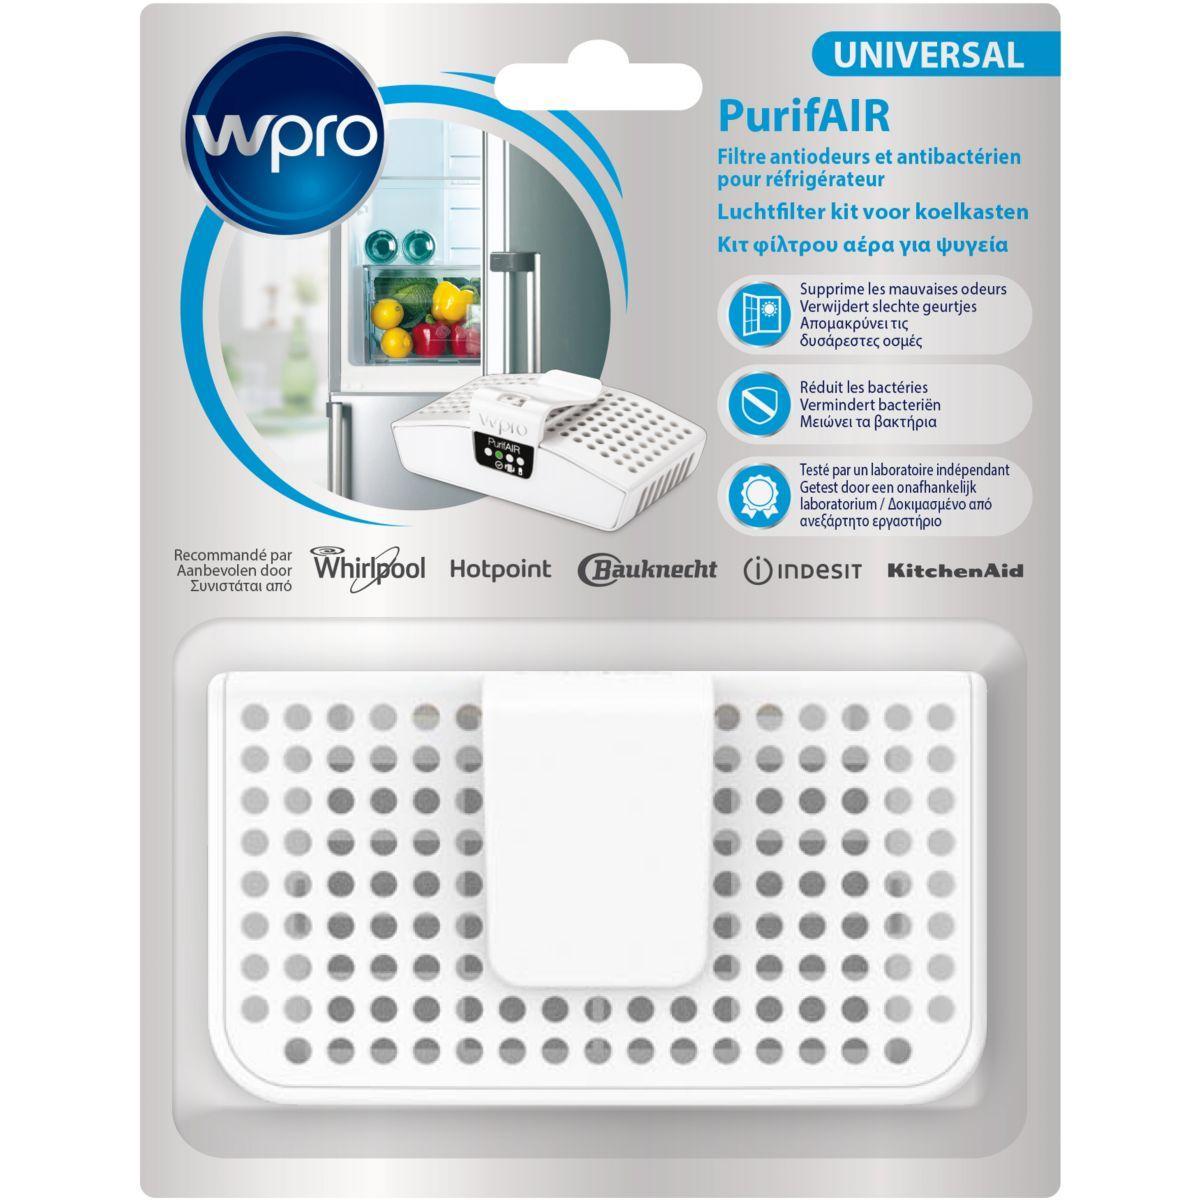 Absorbeur d'odeur wpro pur100 filtre anti odeur/antibact�rien